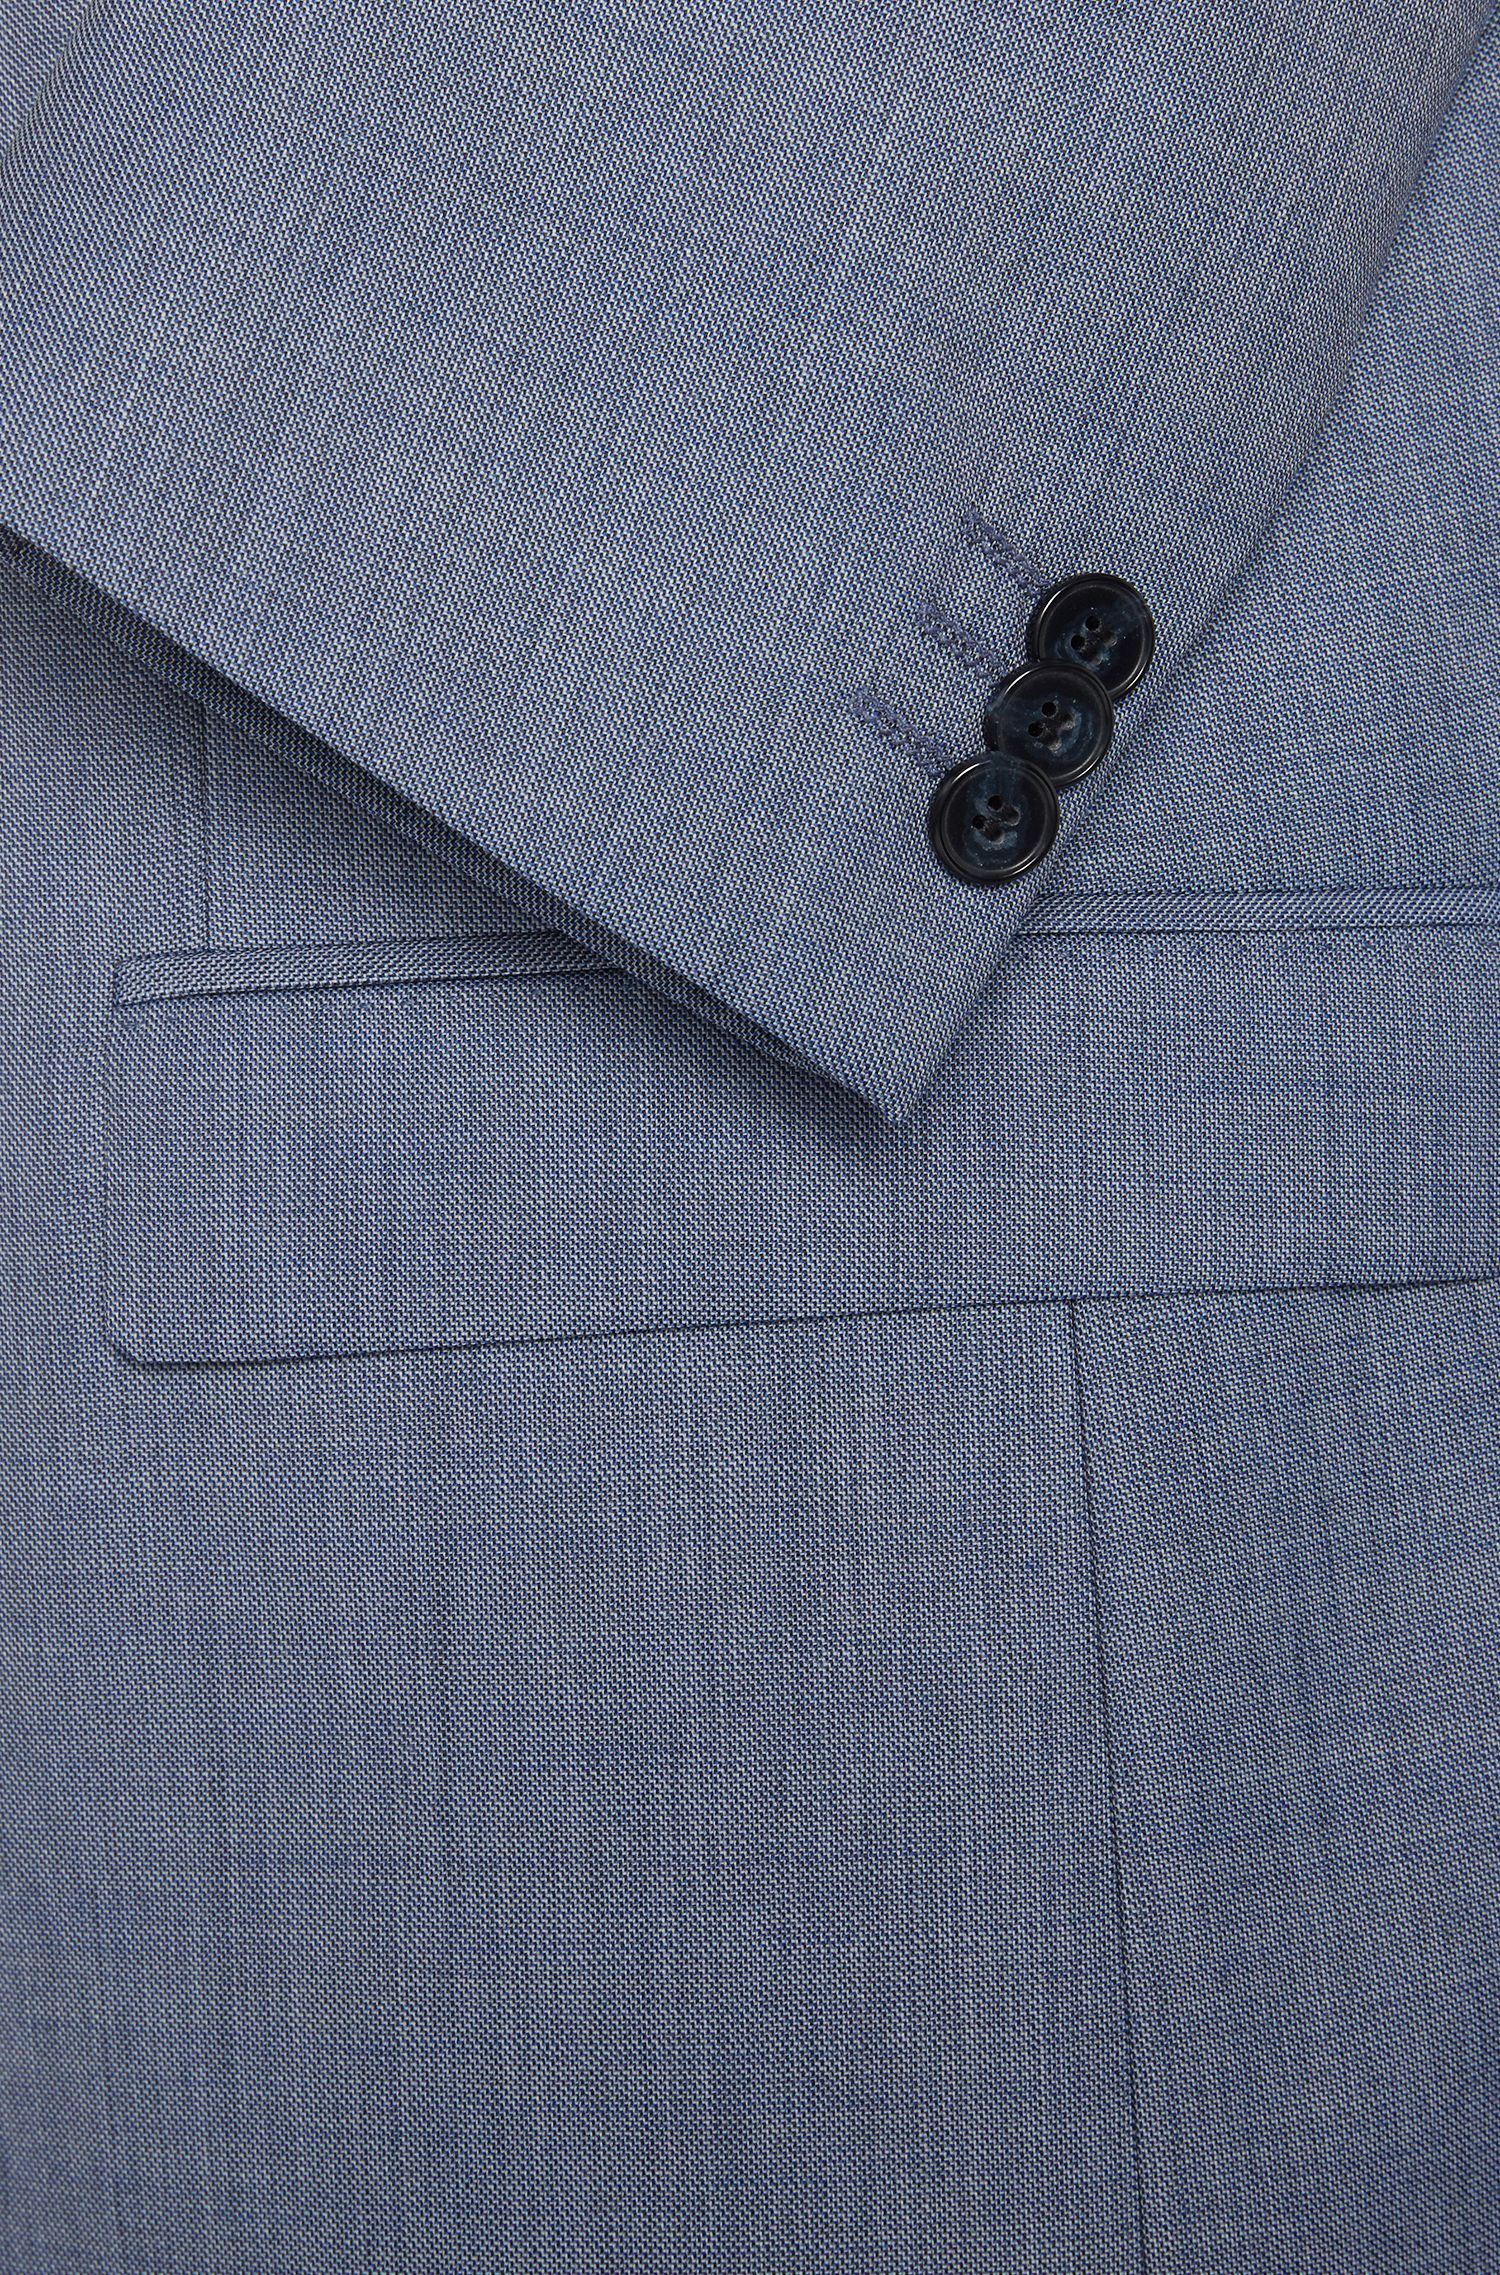 Heather Virgin Wool Suit, Slim Fit | Arti/Helion